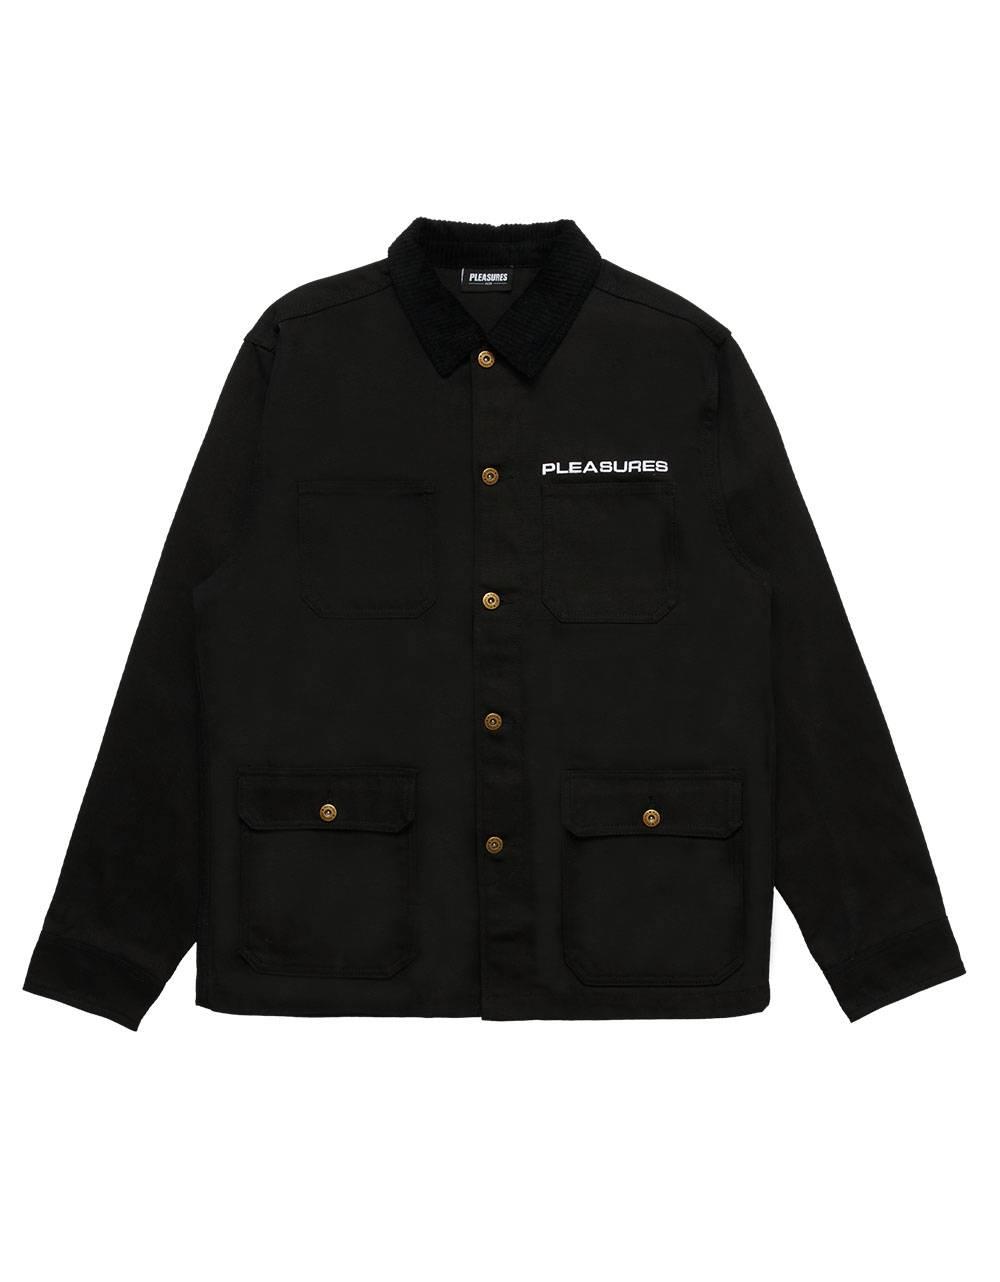 Pleasures Spike chore jacket - black Pleasures Light jacket 169,00€